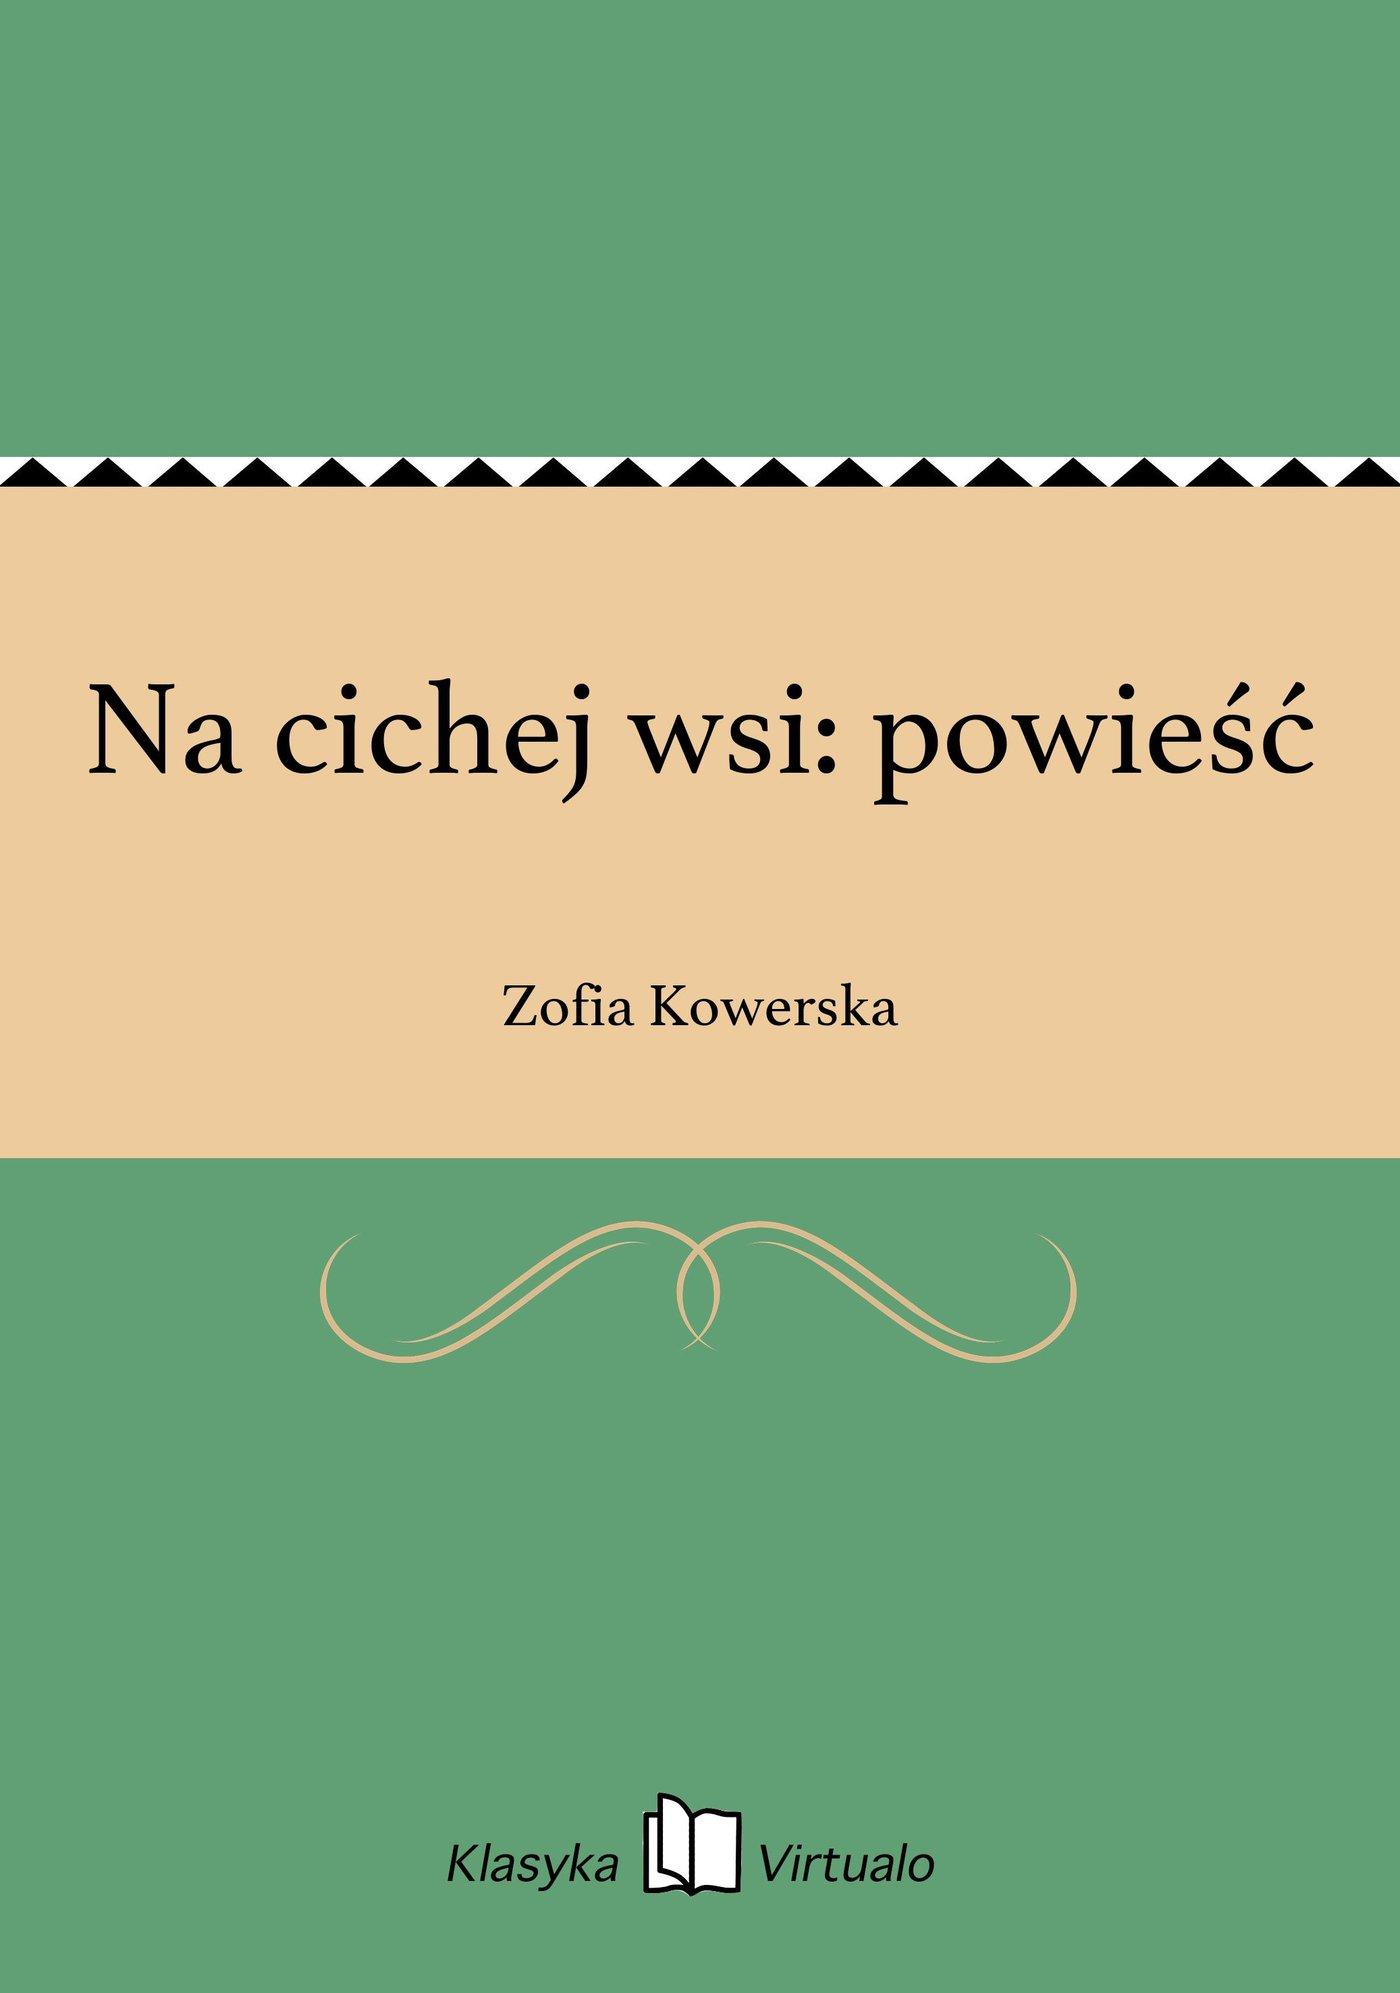 Na cichej wsi: powieść - Ebook (Książka na Kindle) do pobrania w formacie MOBI